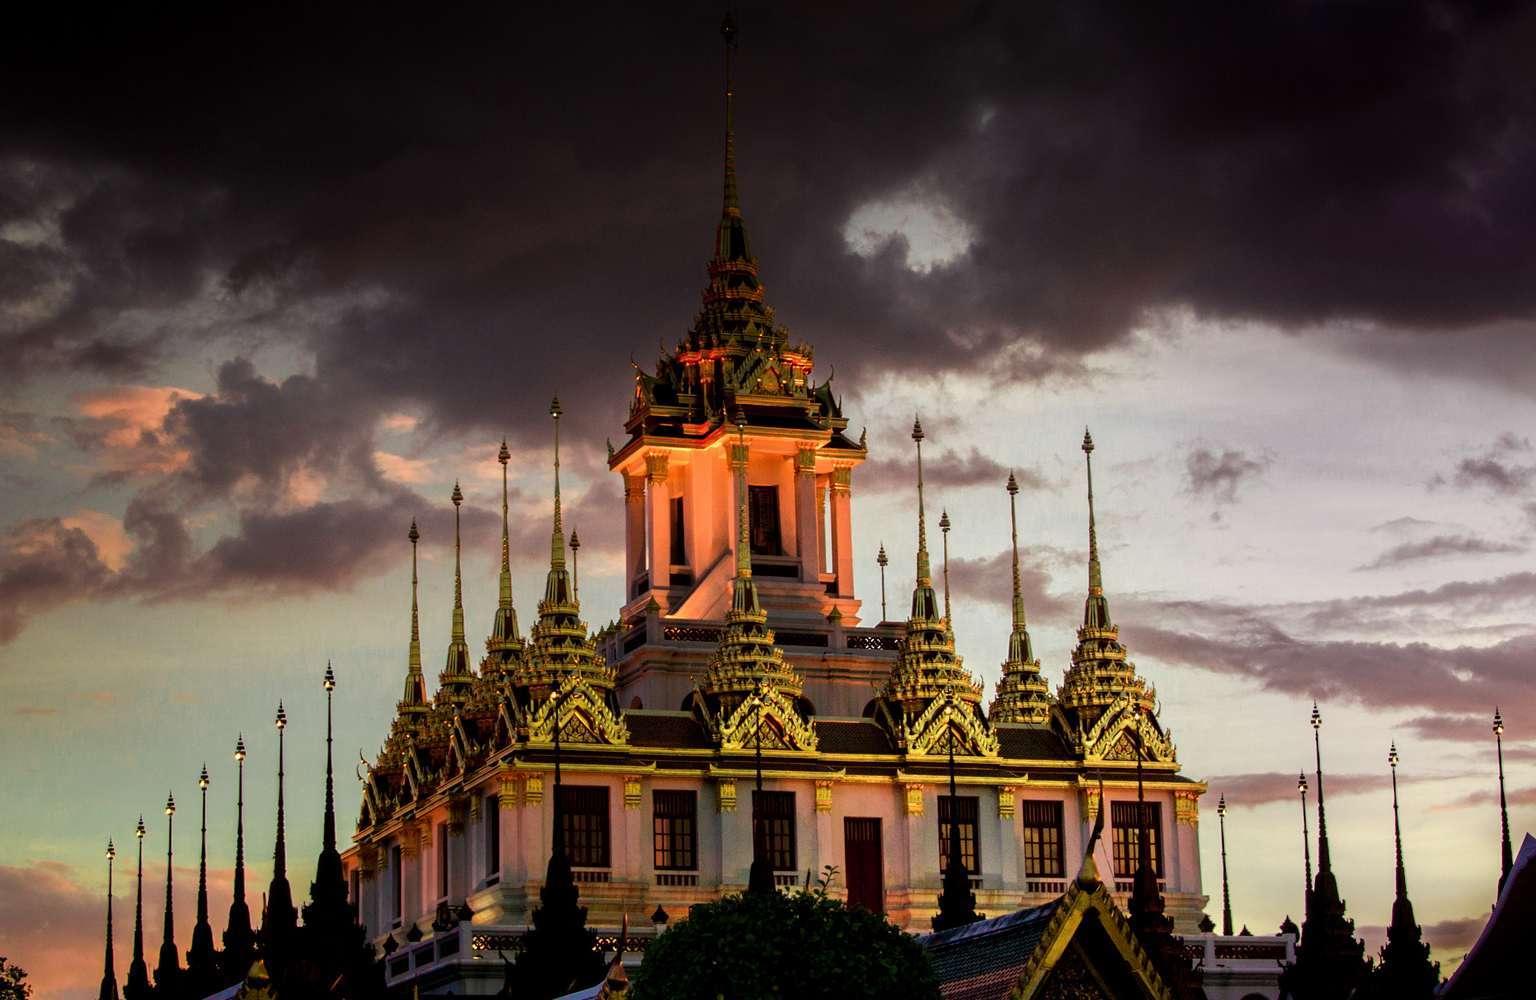 De Loha Prasat in Bangkok tijdens de schemering van de avond